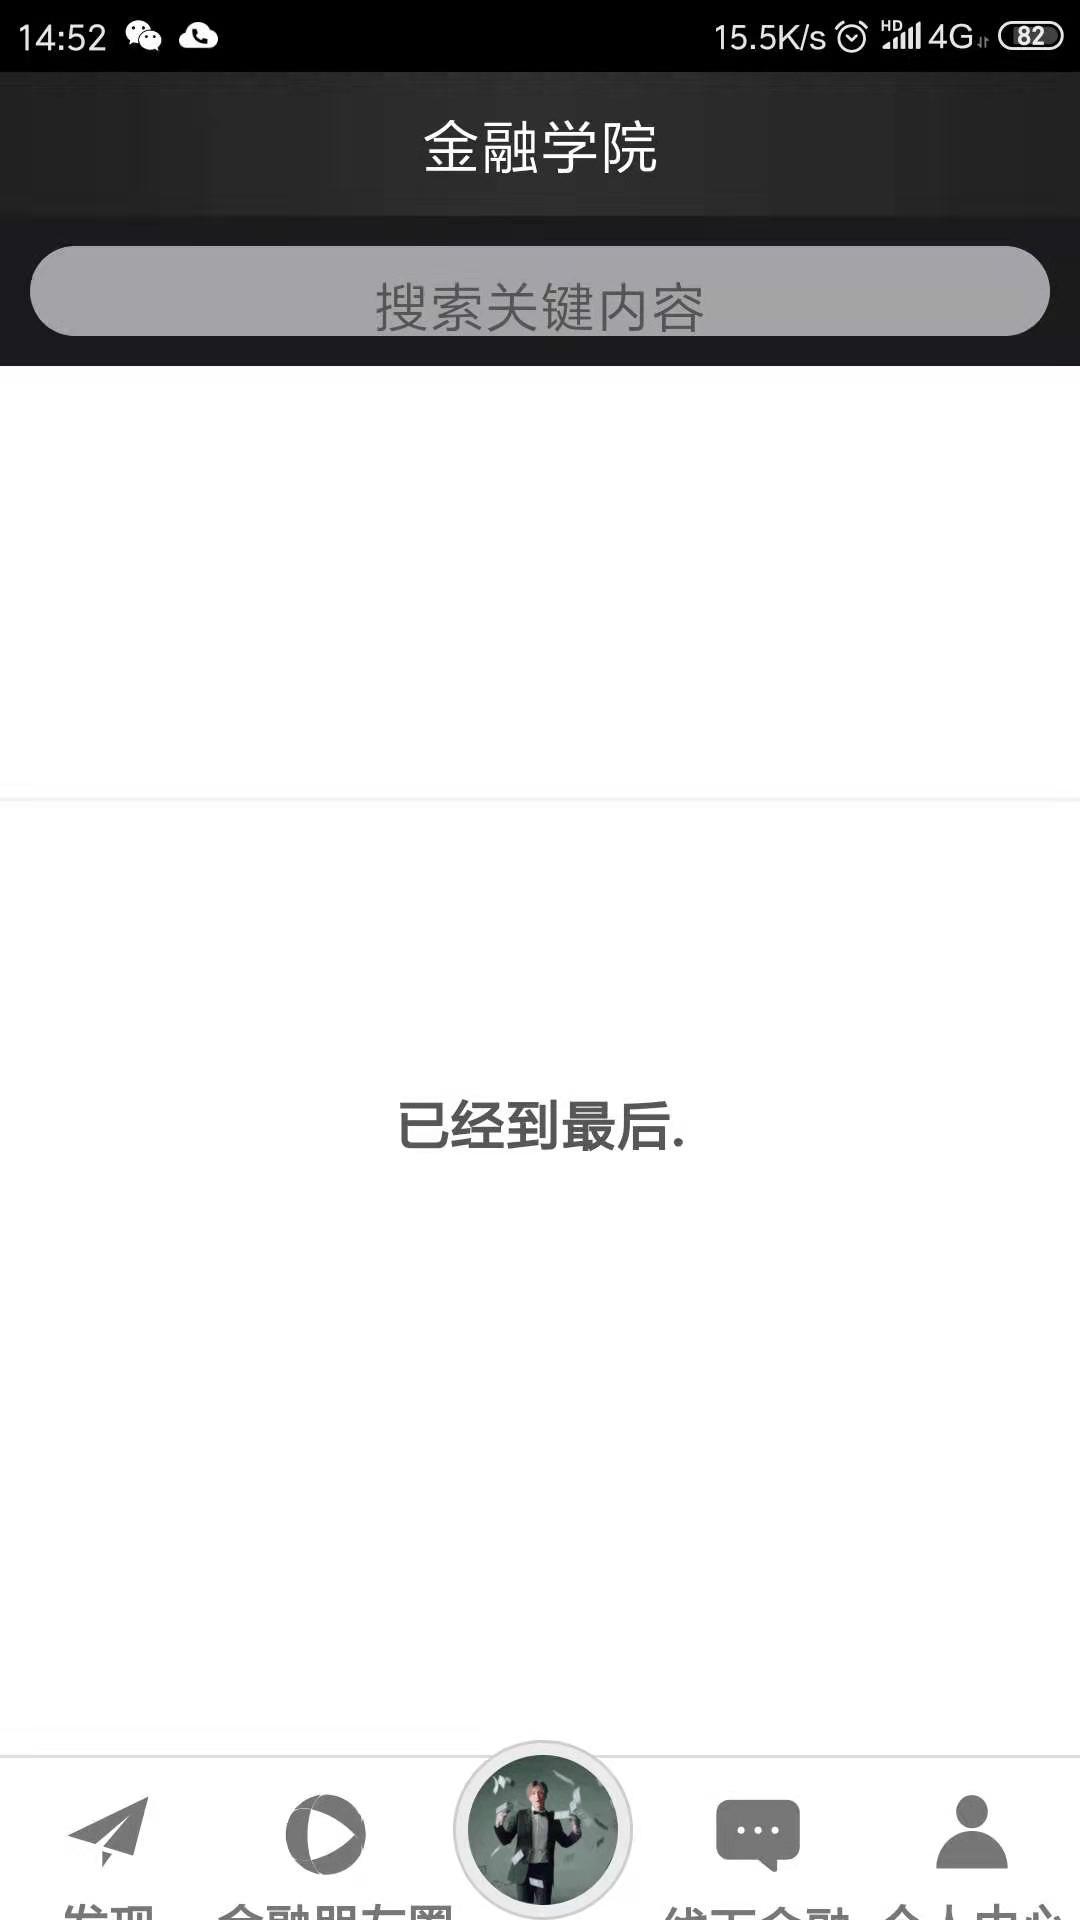 上海知名定制App服务介绍 诚信经营 上海敏迭网络技术供应